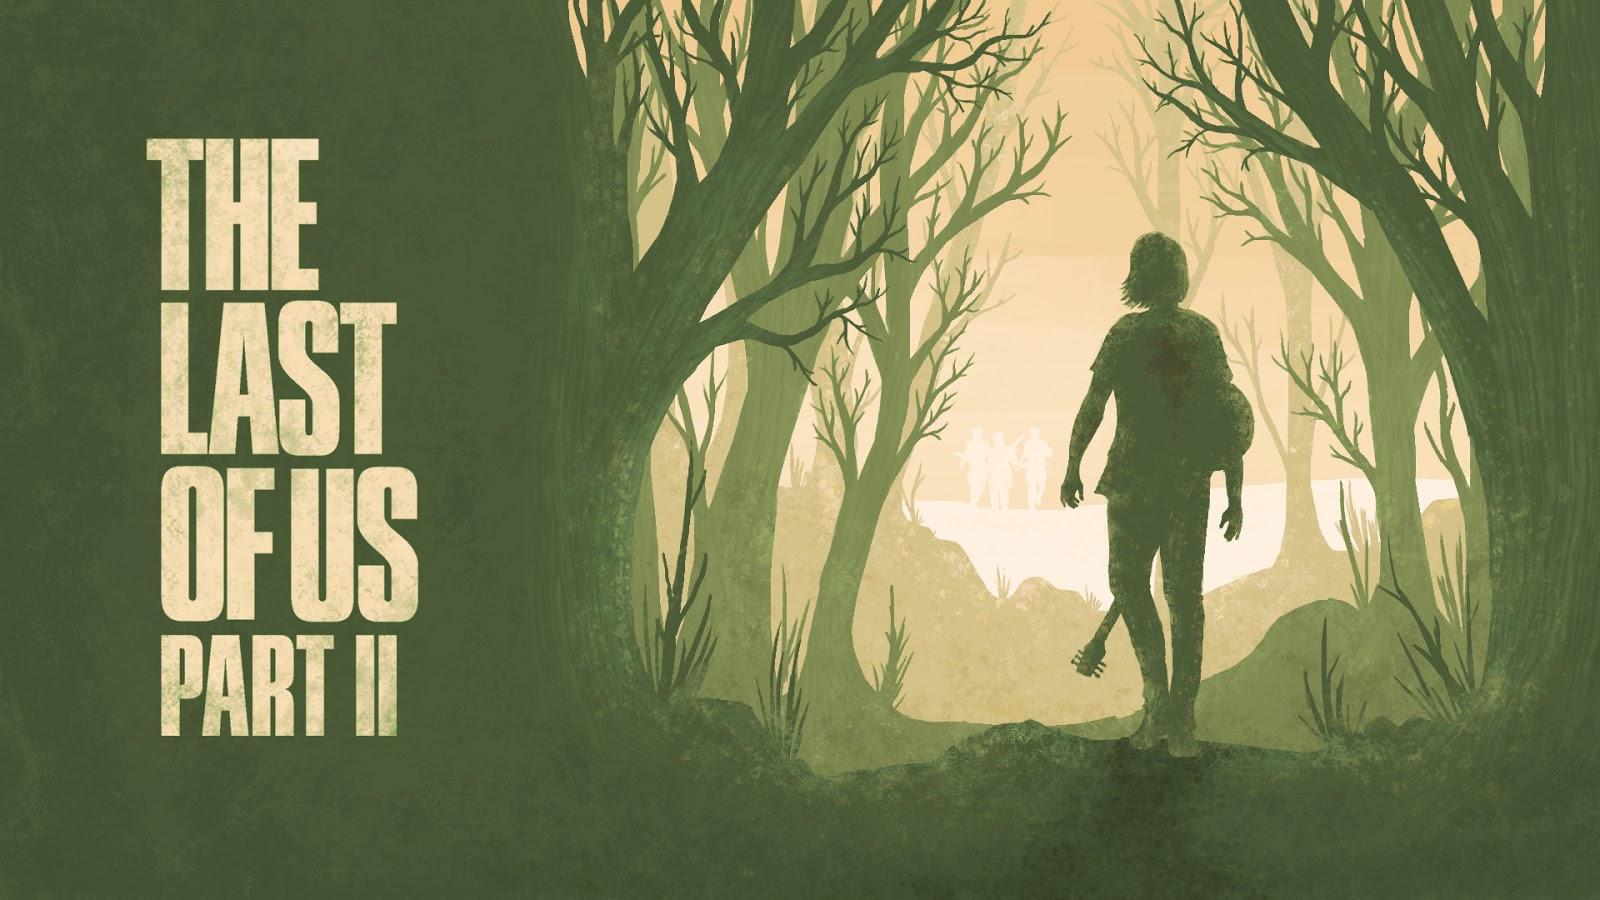 210 The Last Of Us Papéis De Parede Hd: Notícias, Análises, Entrevistas, Imagens